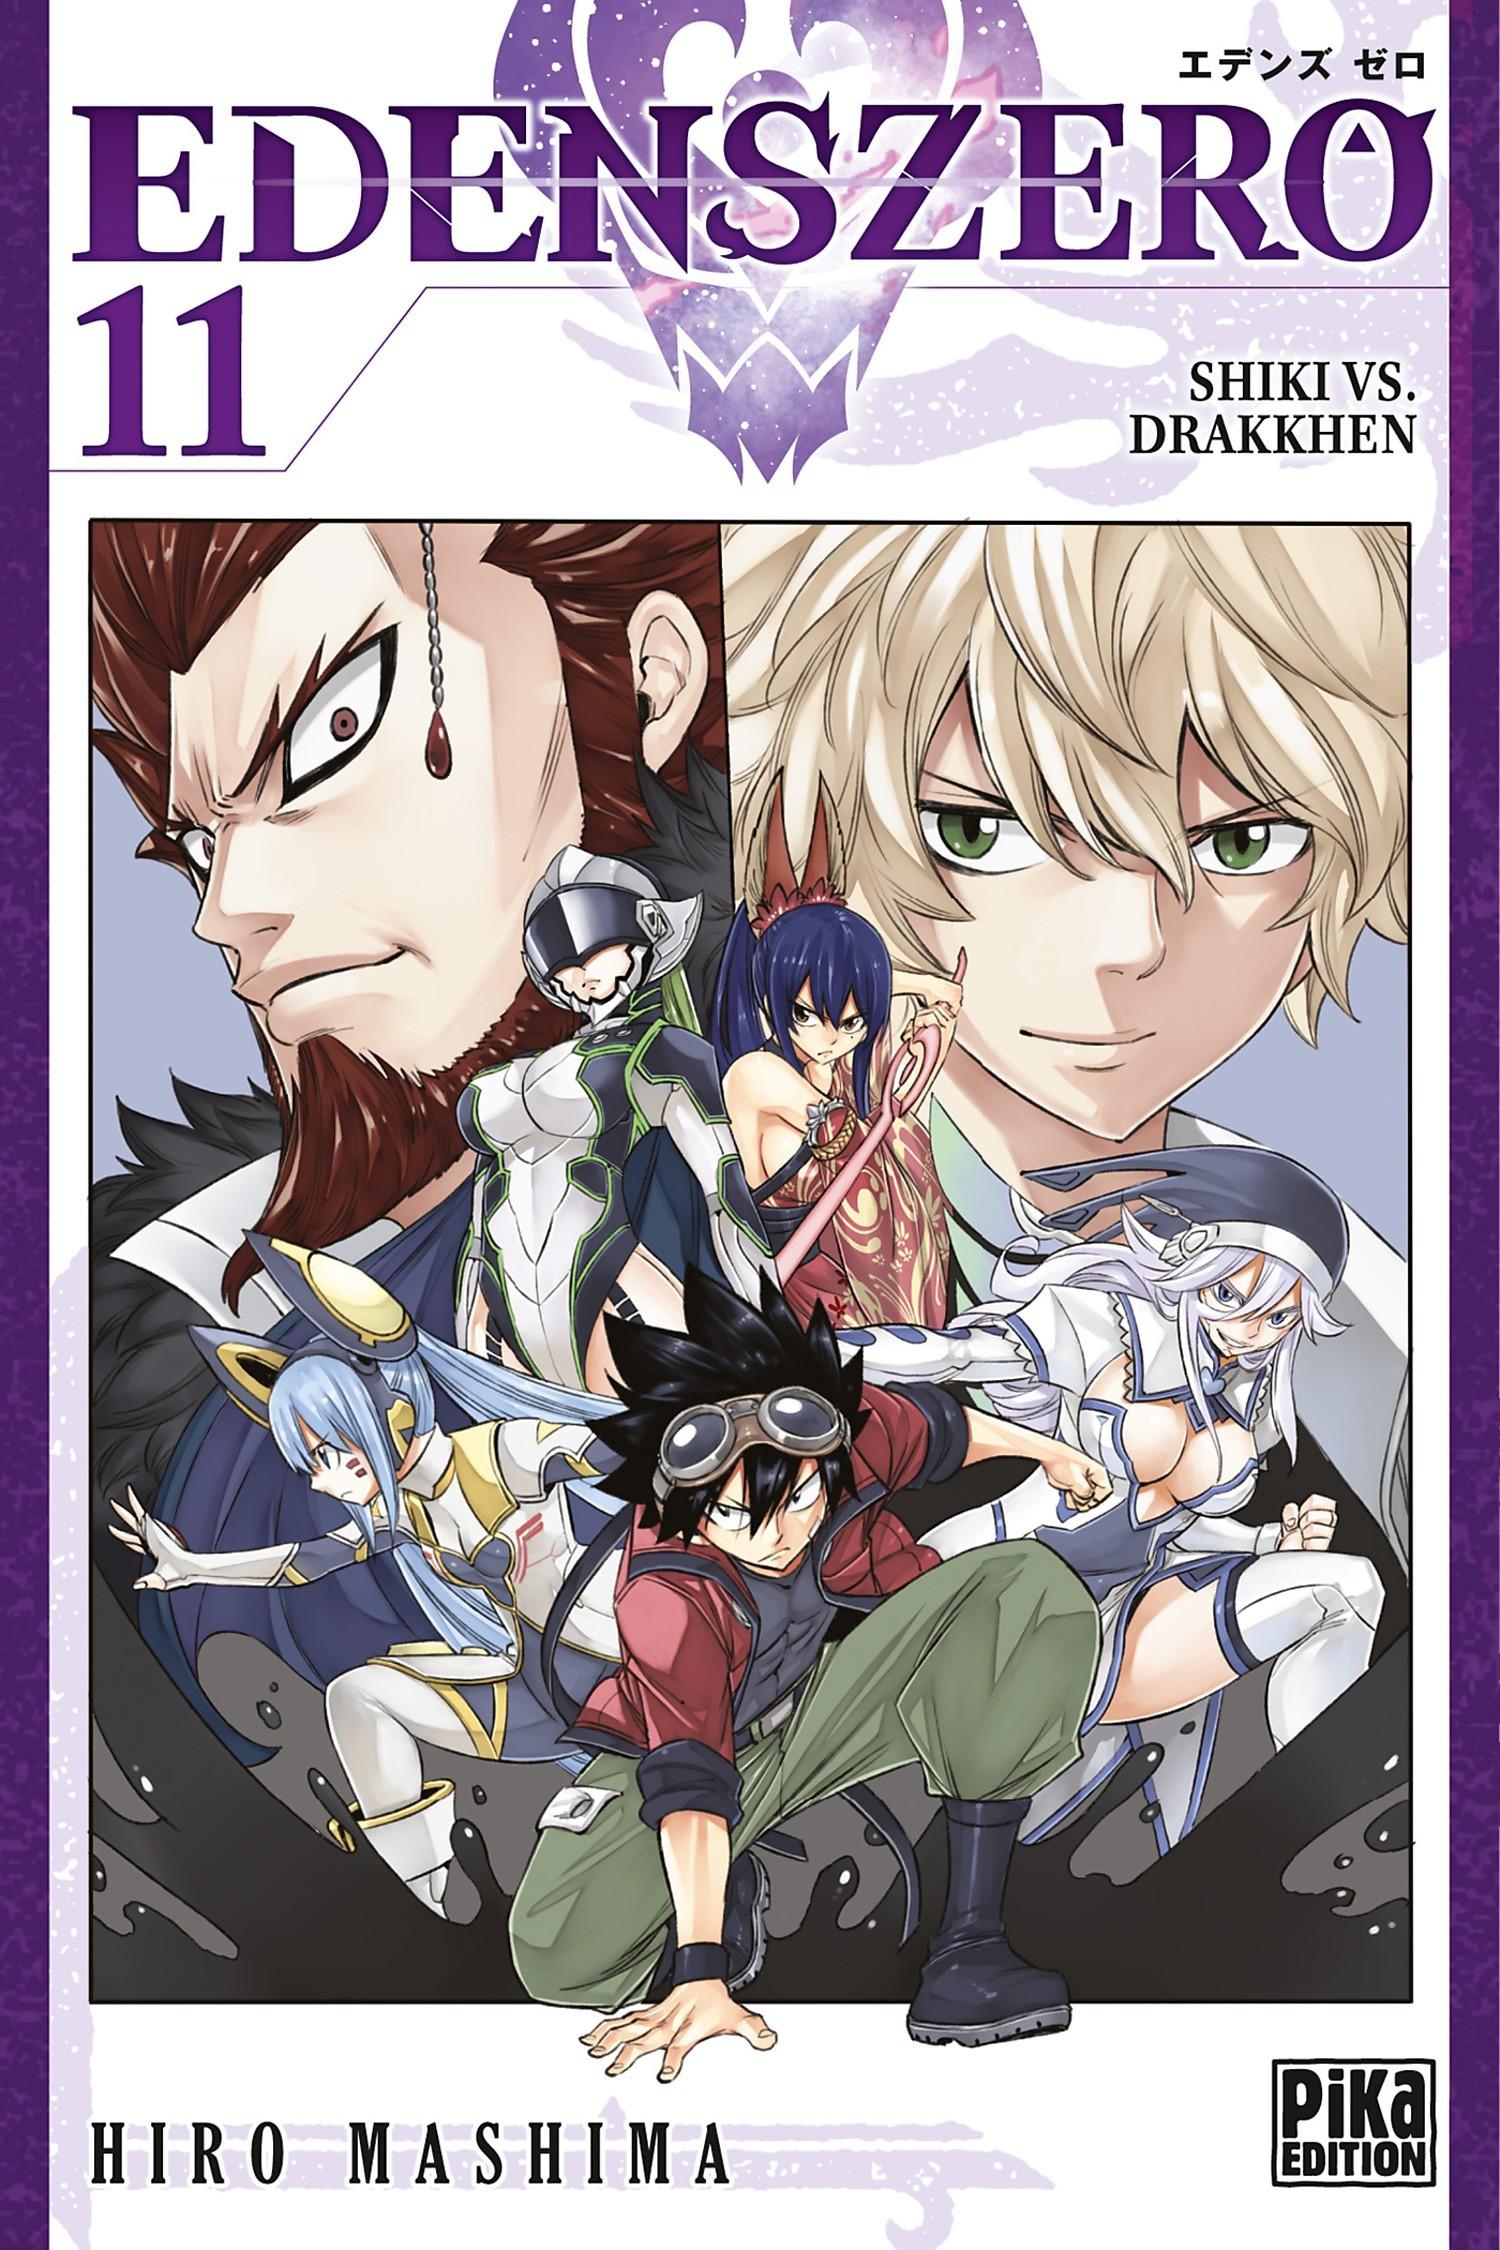 Edens Zero 11 - Shikki vs. Drakkhen